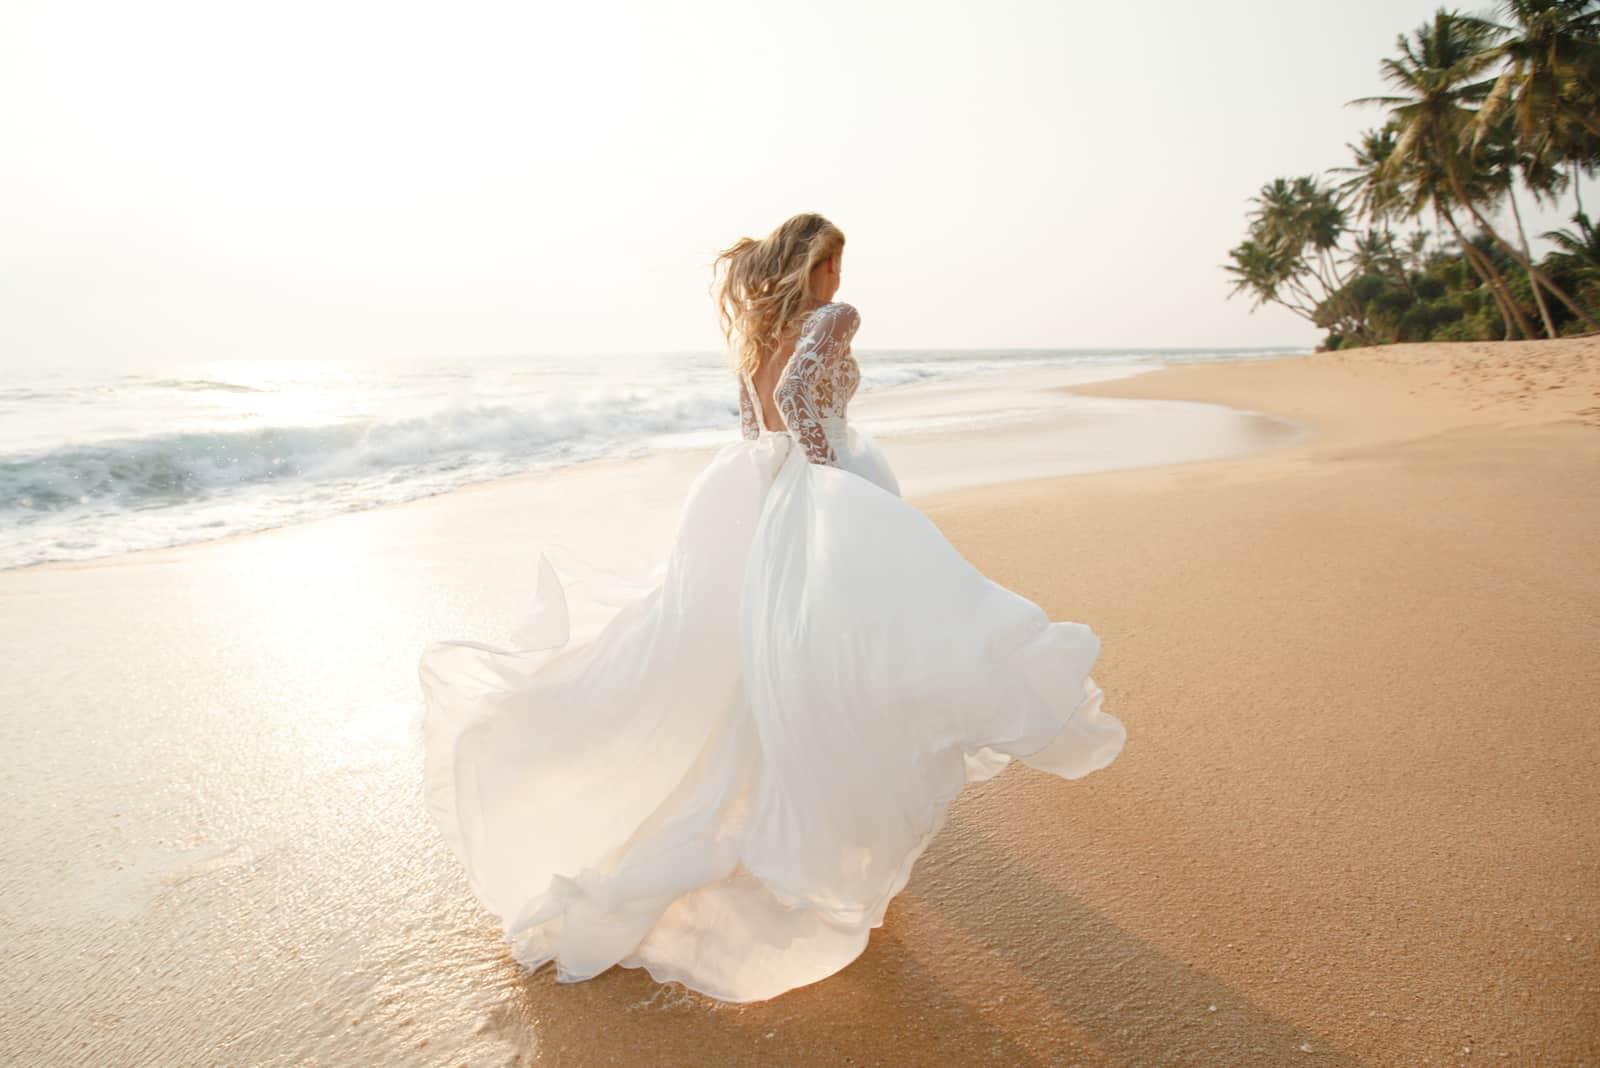 Glückliche junge Brautfrau im weißen Kleid läuft